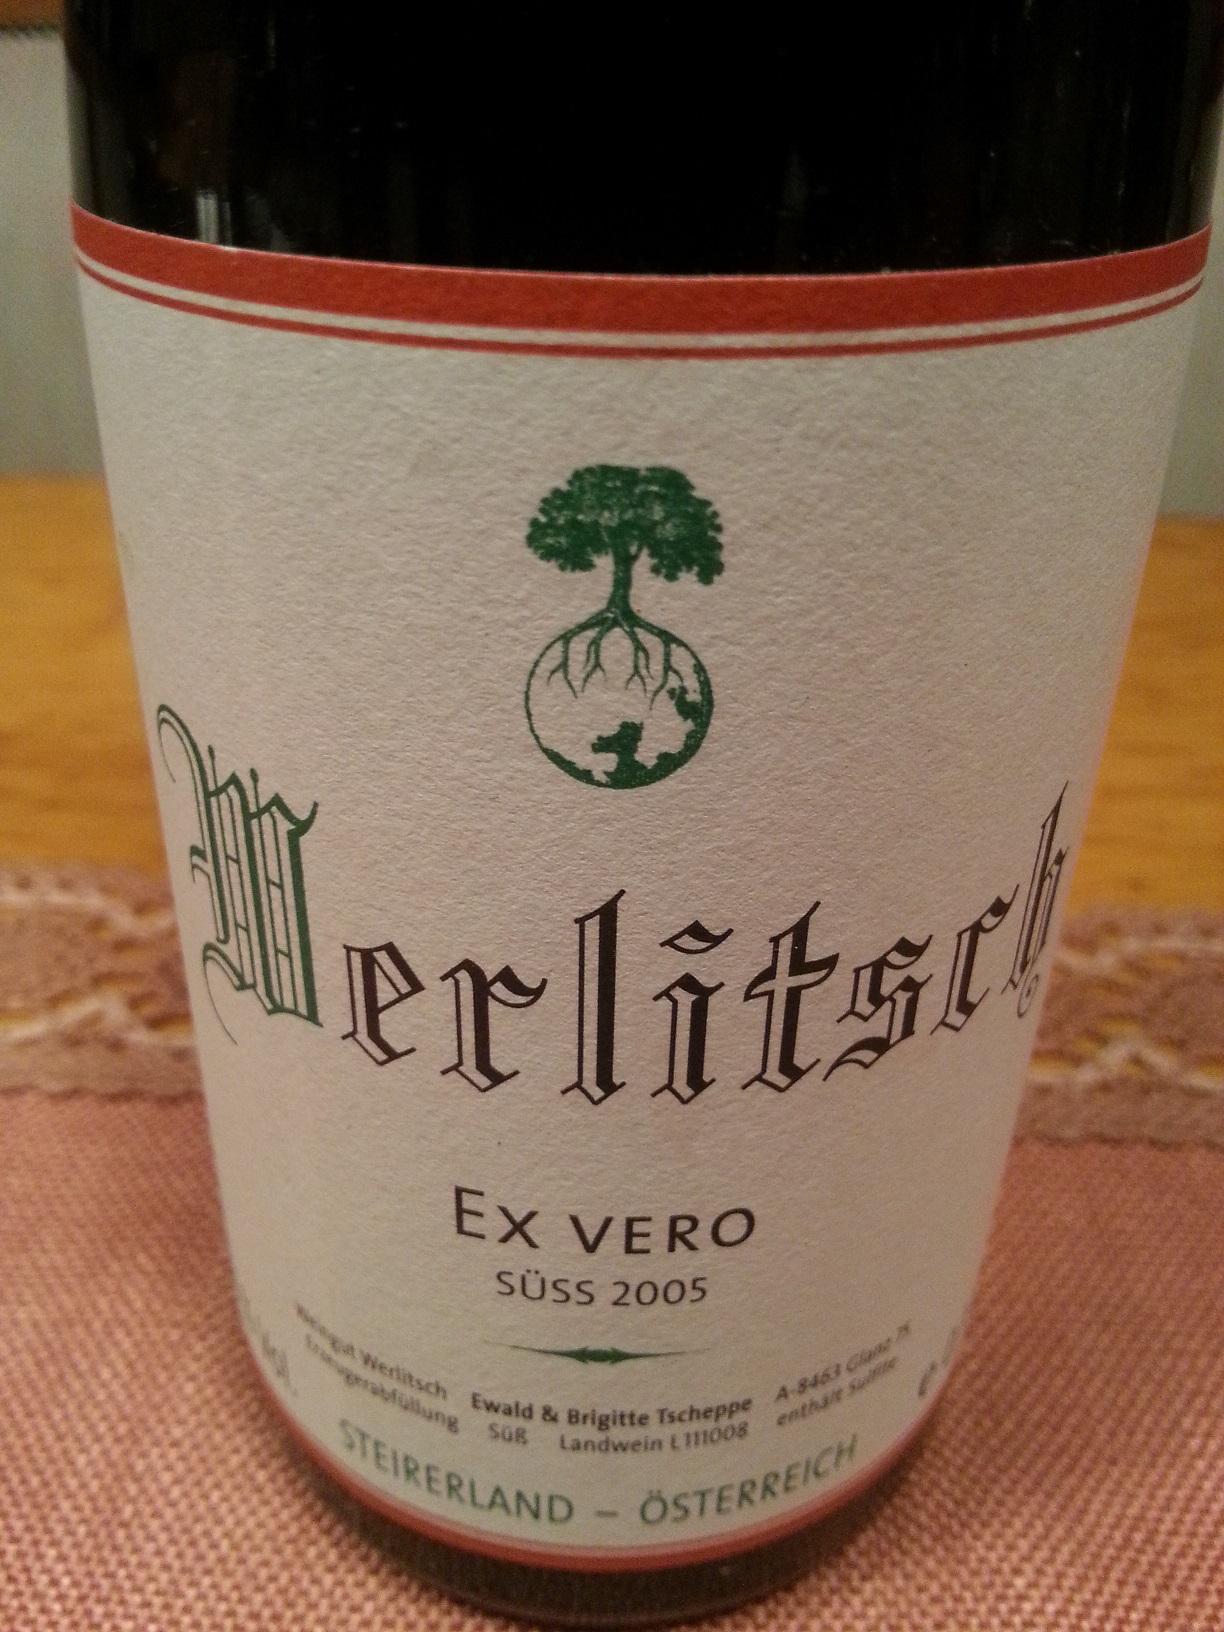 2005 Ex Vero süß | Werlitsch